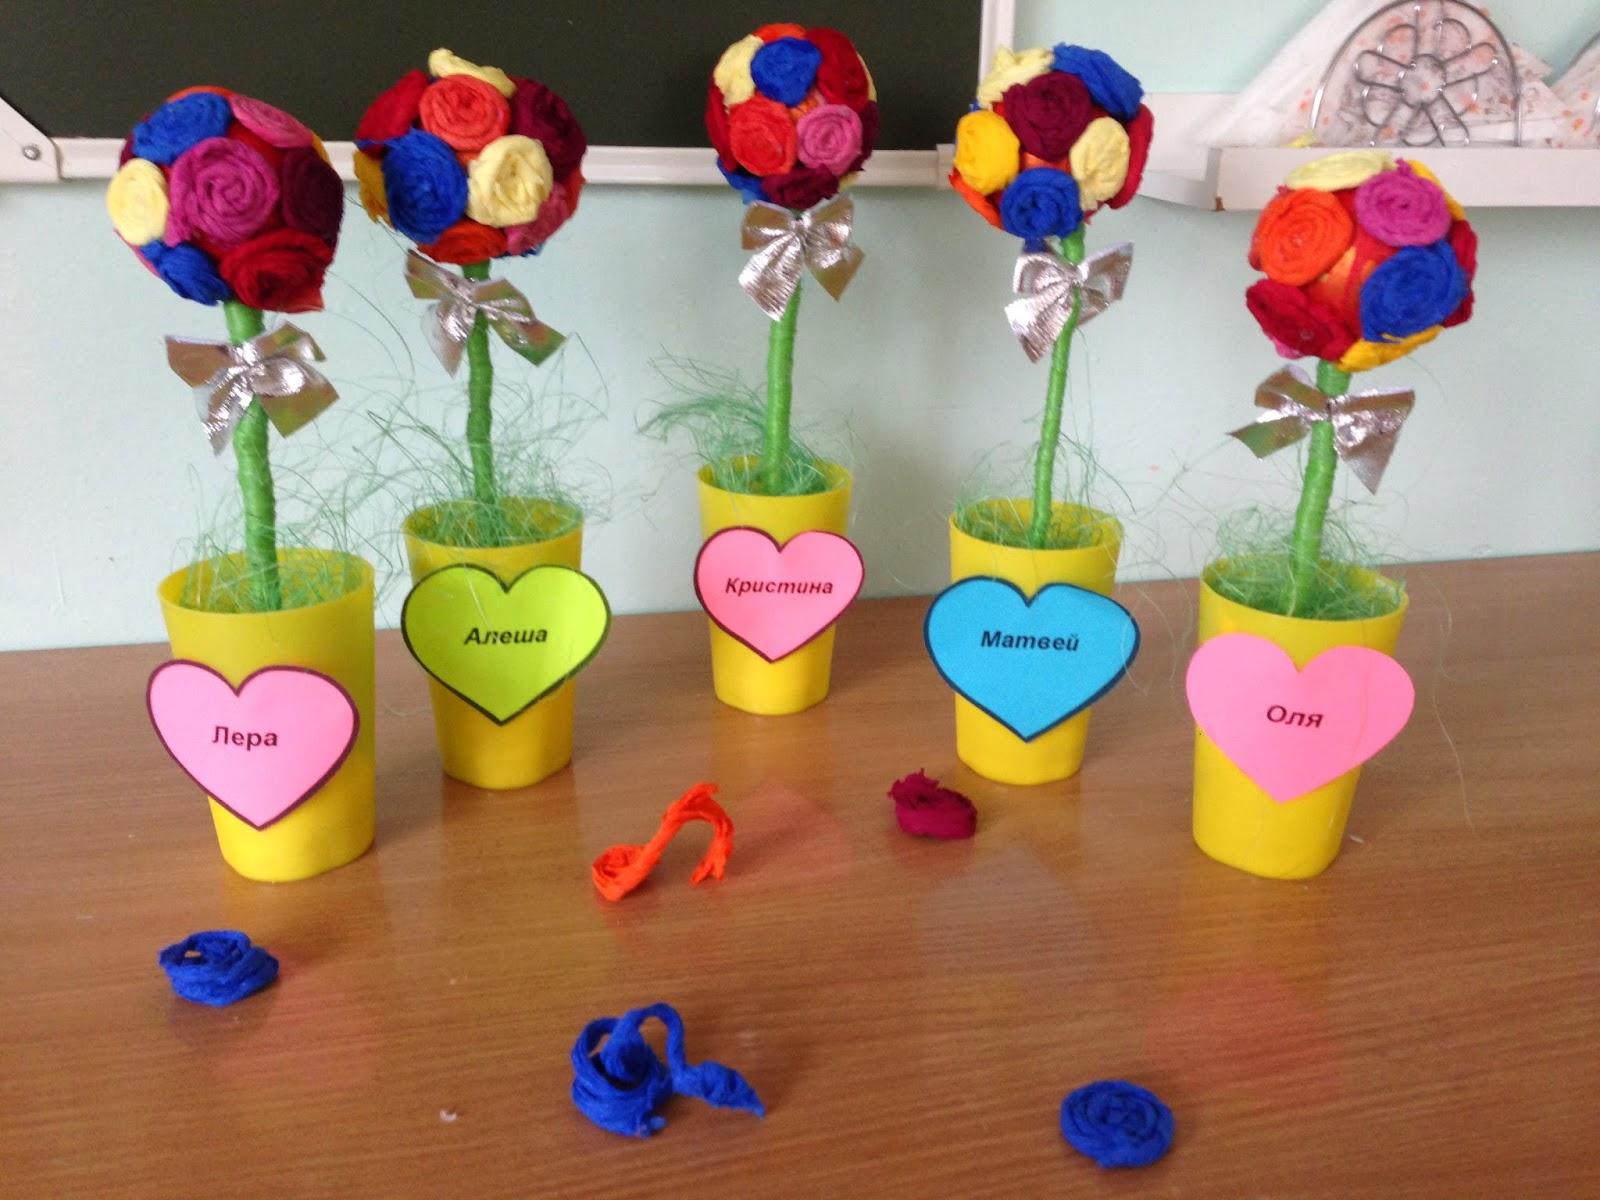 Подарки на день матери в детском саду своими руками фото